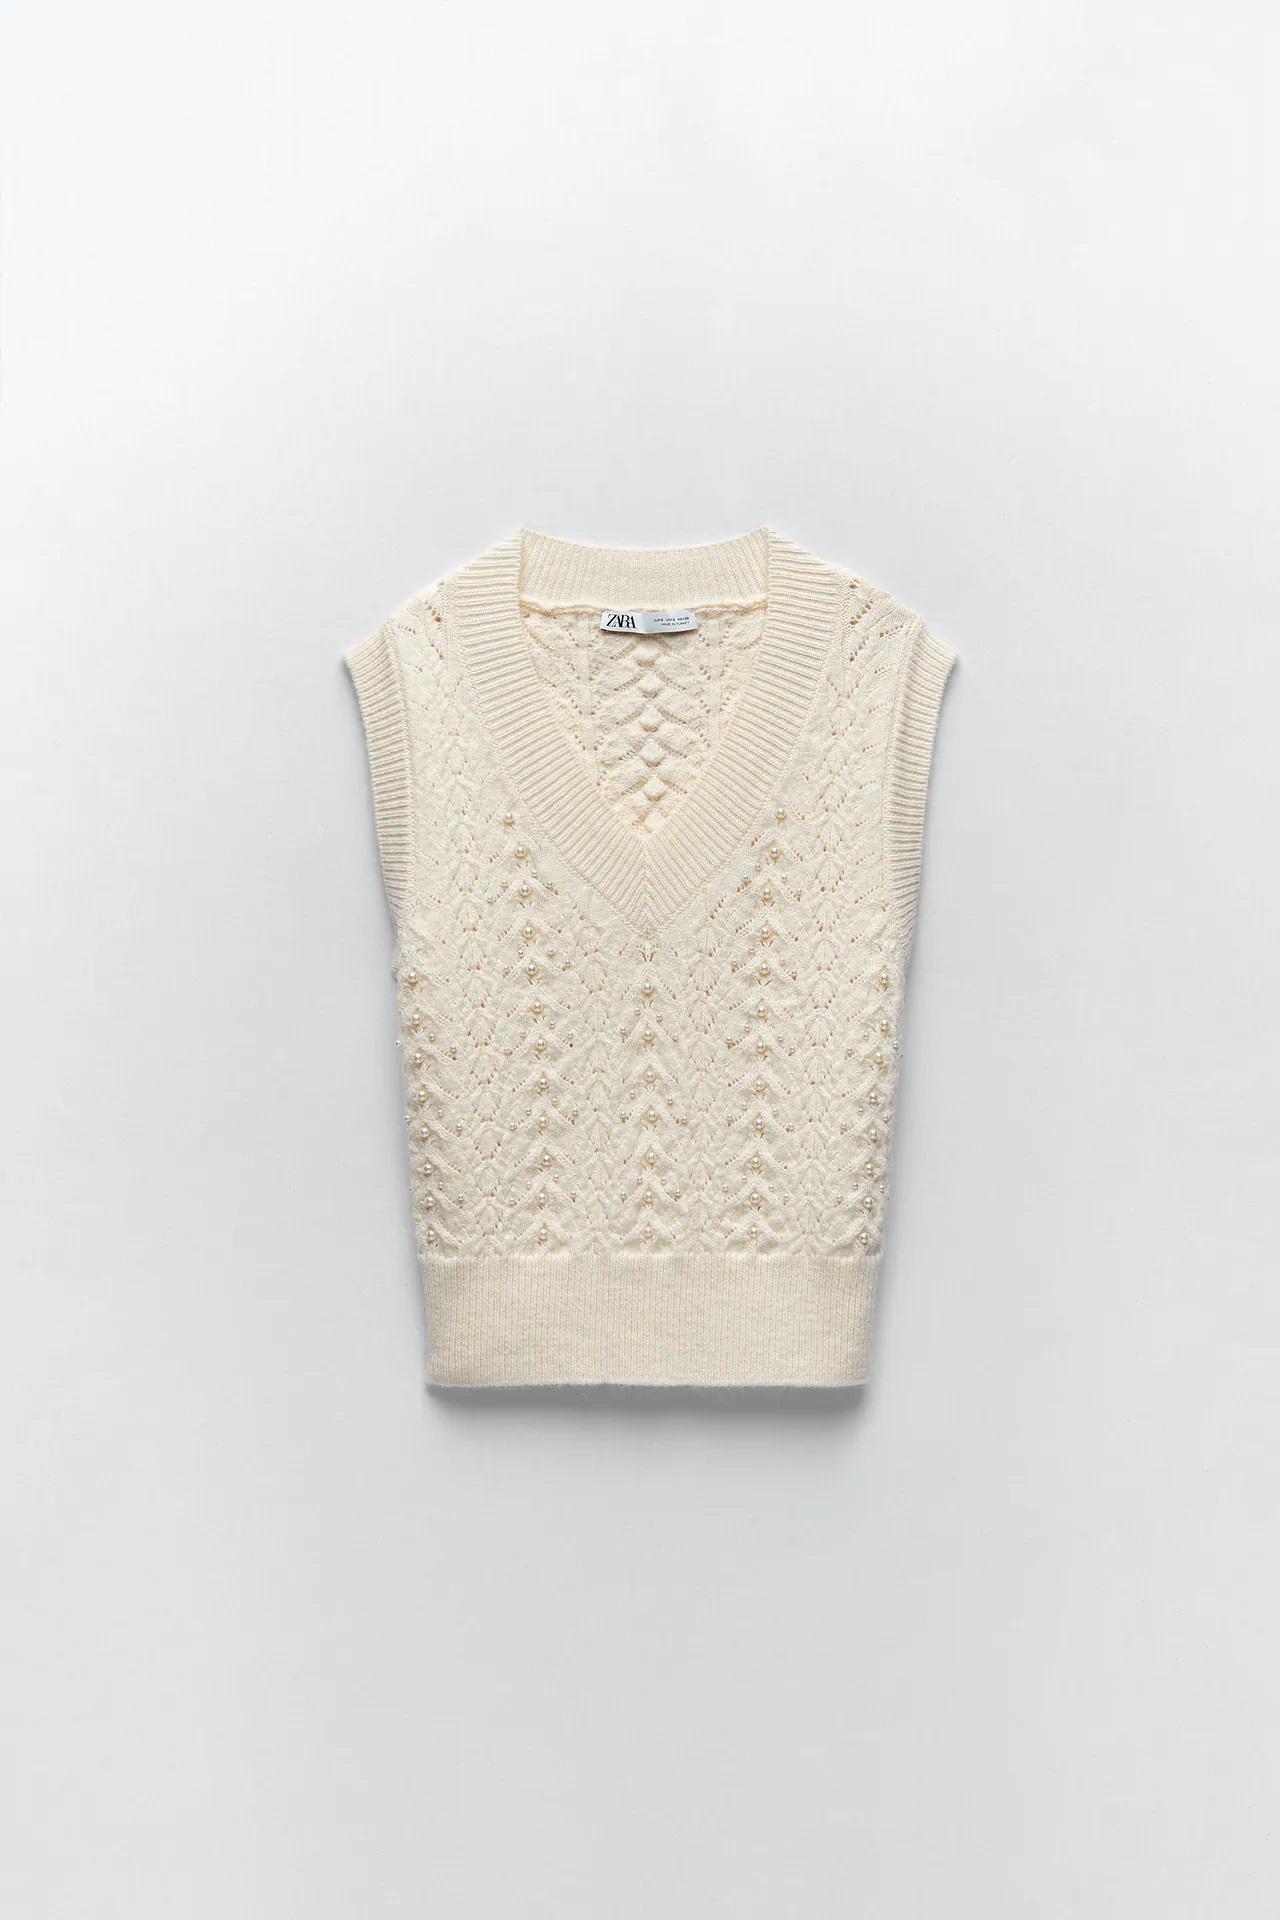 Amelia Bono y su chaleco de punto blanco de Zara que parece hecho a mano